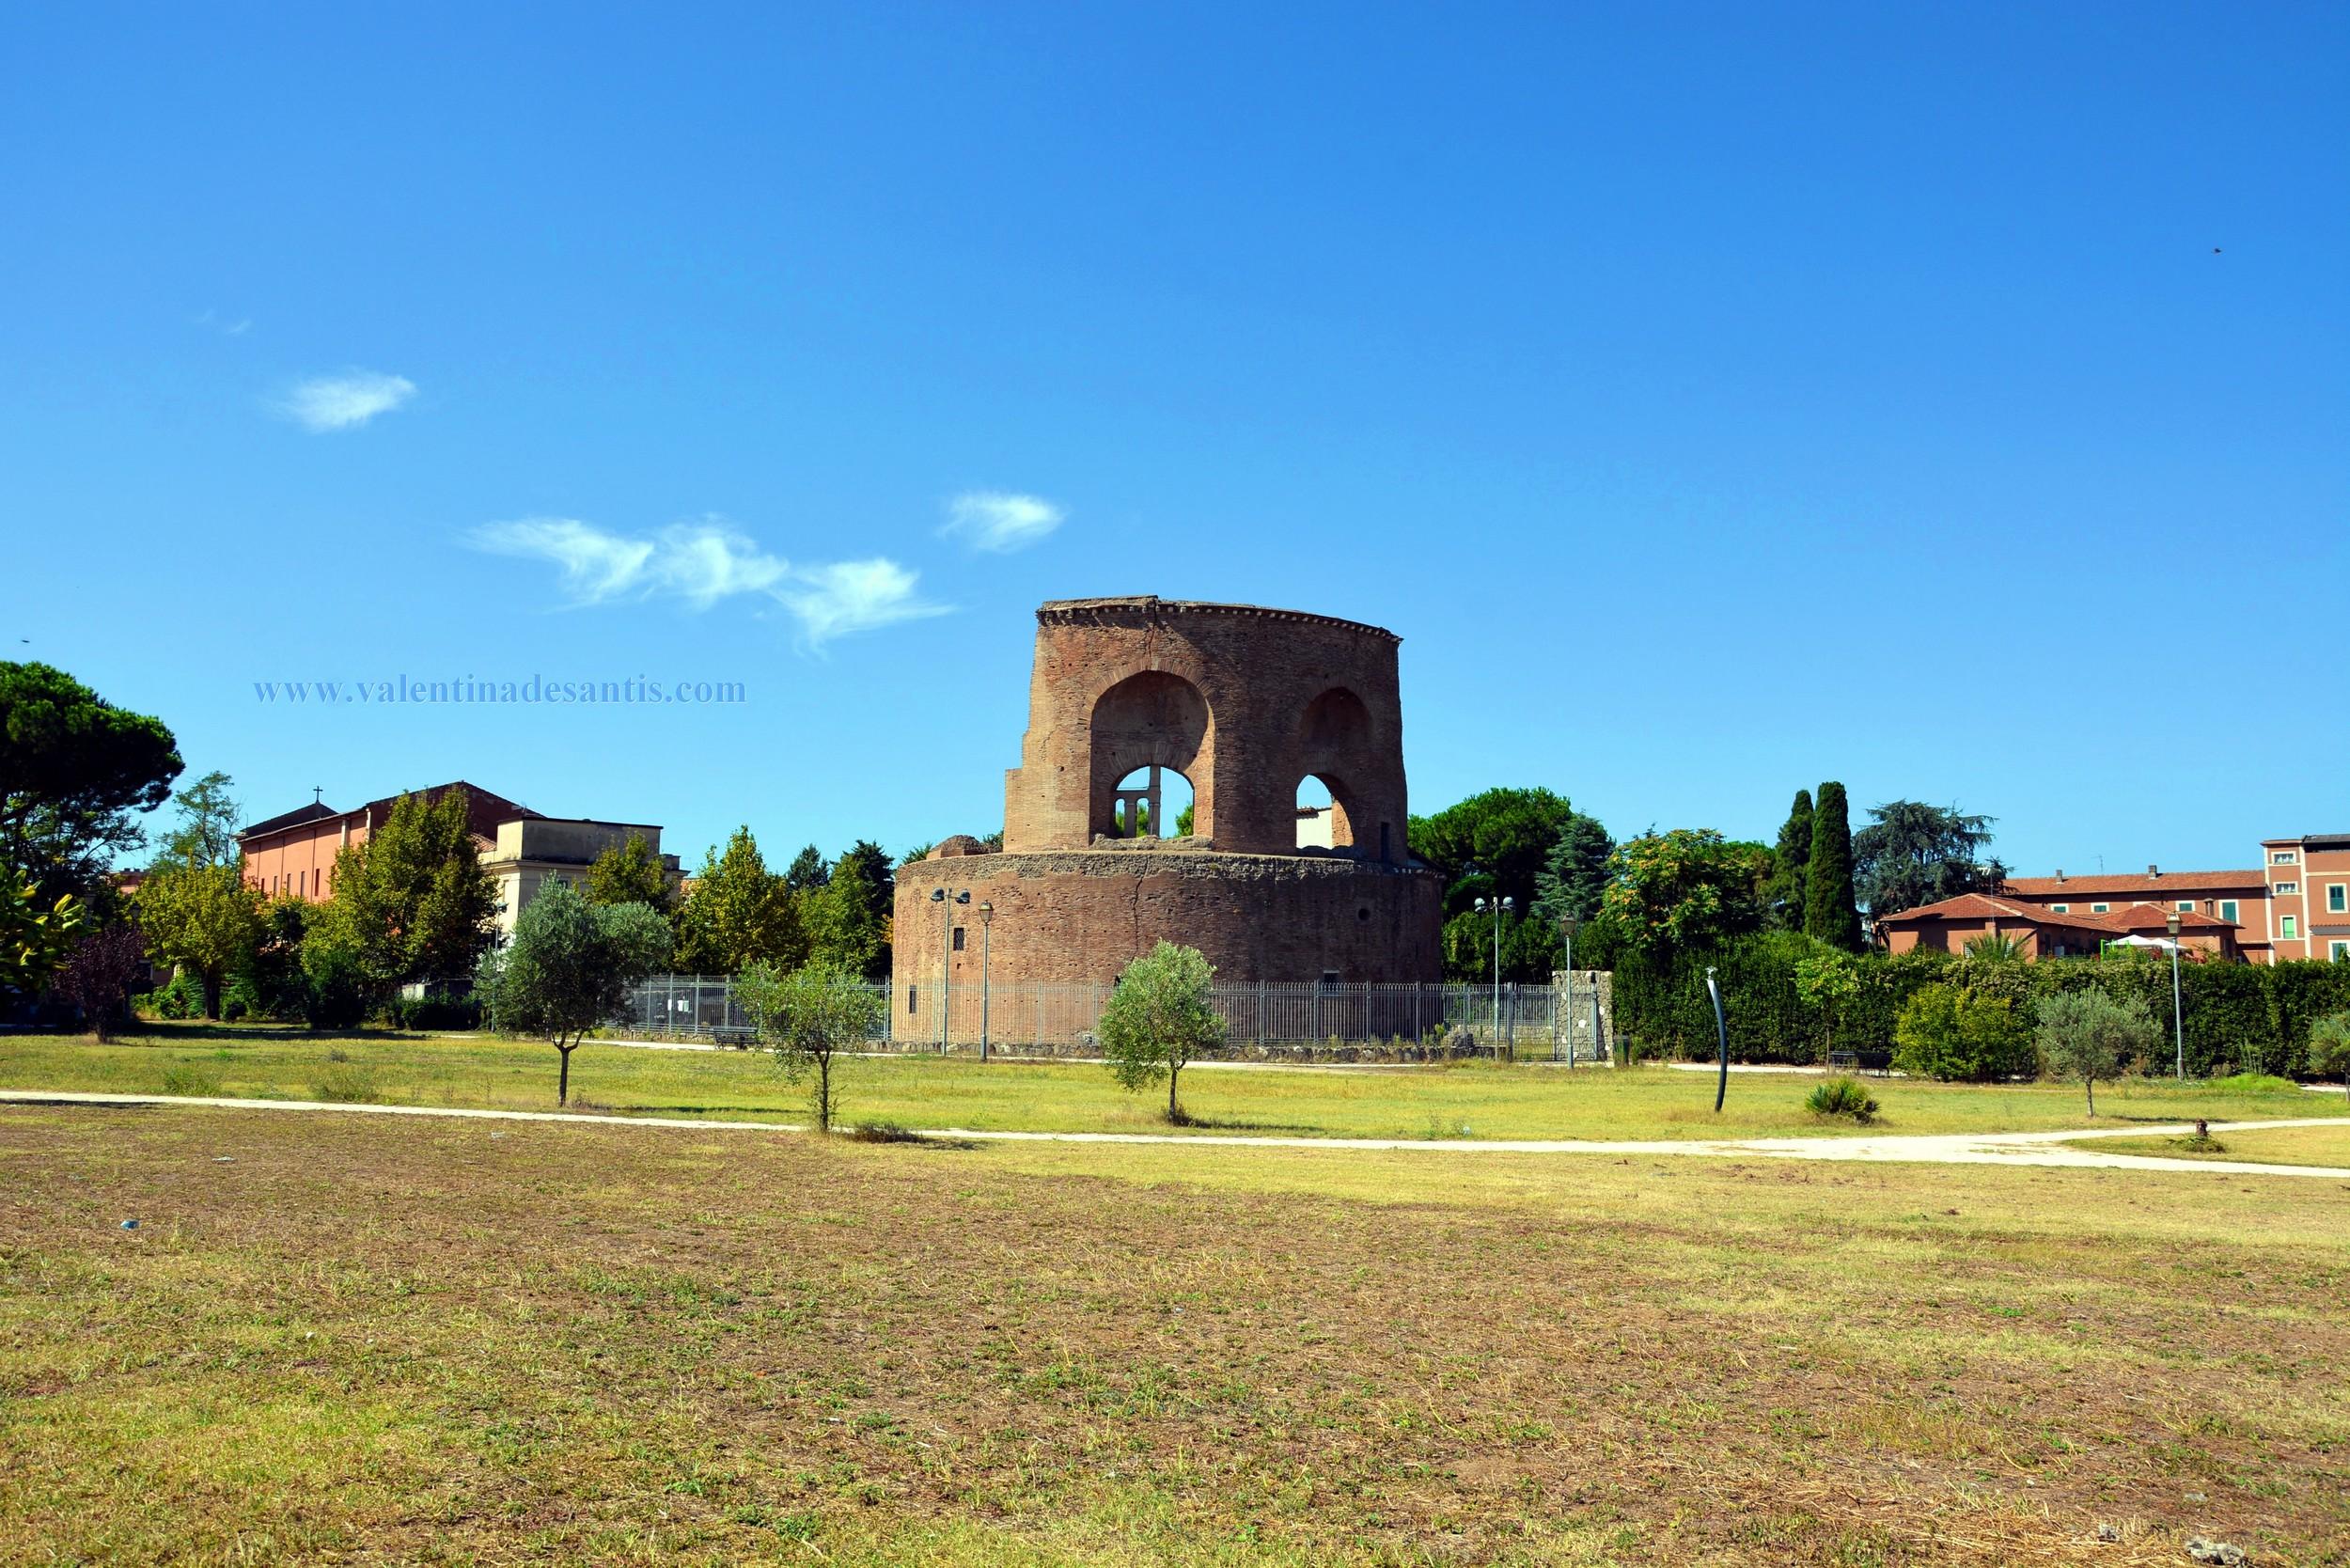 Parks in Rome, Villa De Sanctis